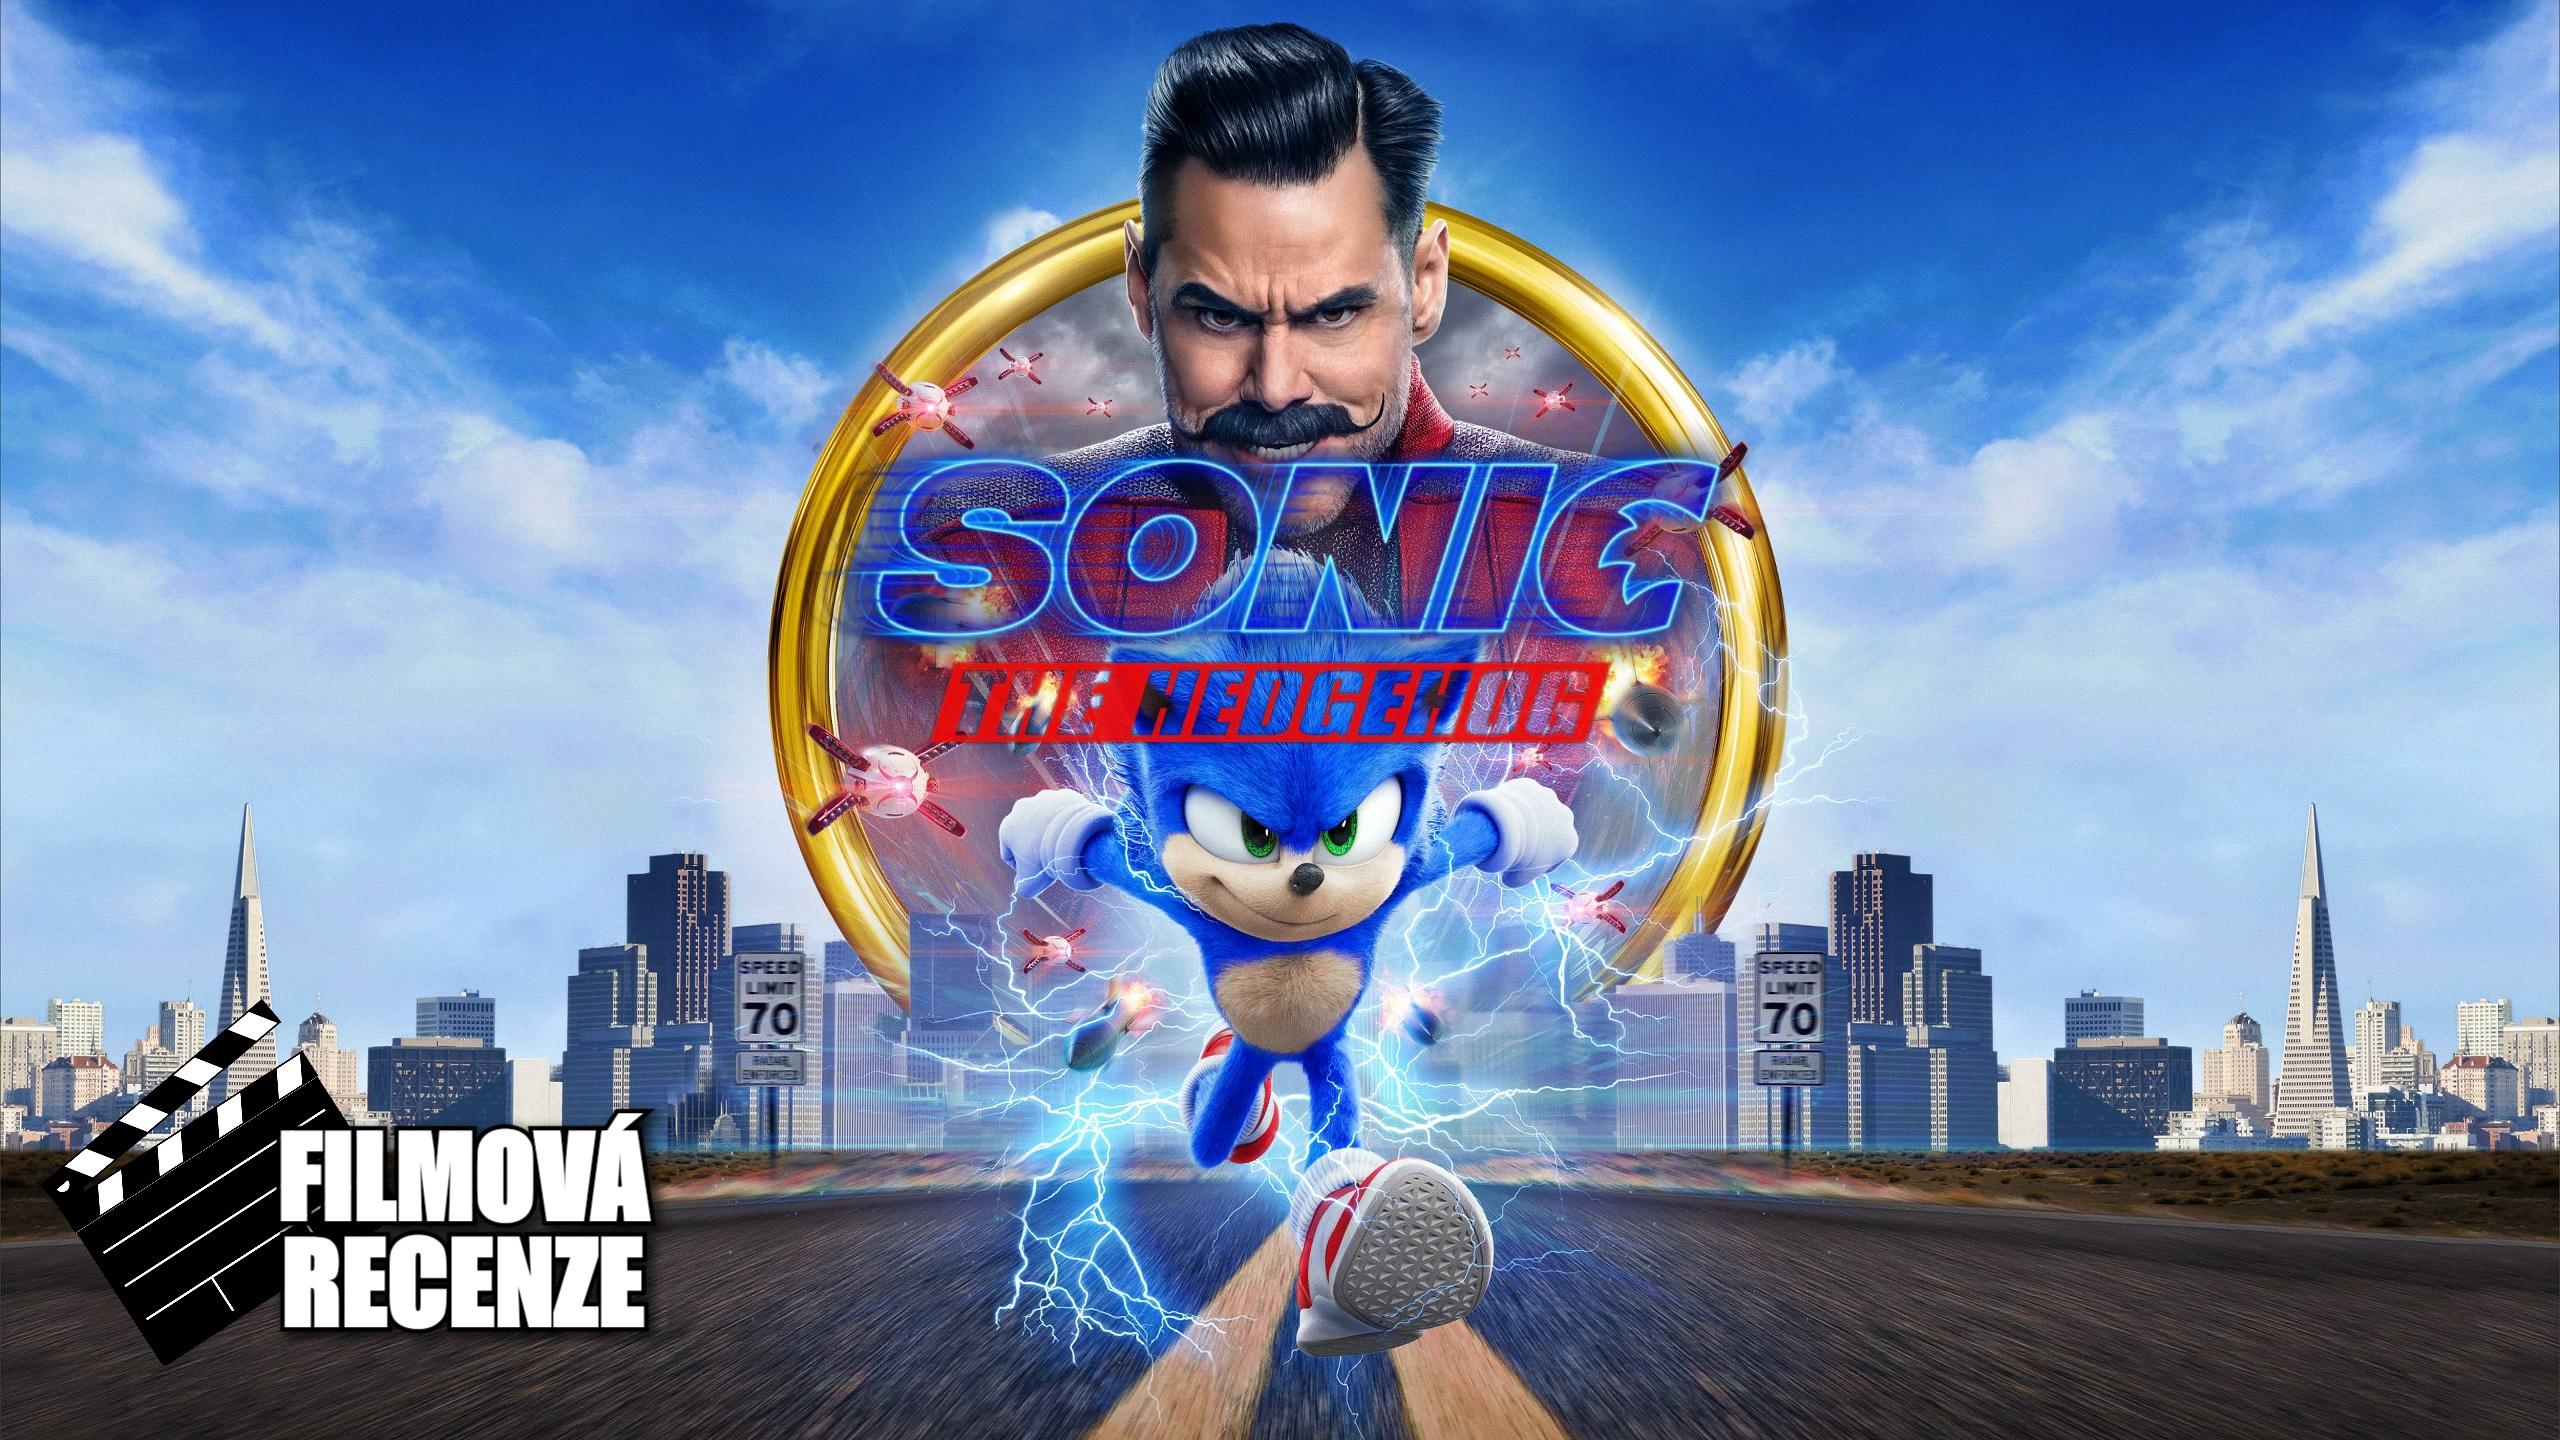 Sonic The Hedgehog – Recenze filmu